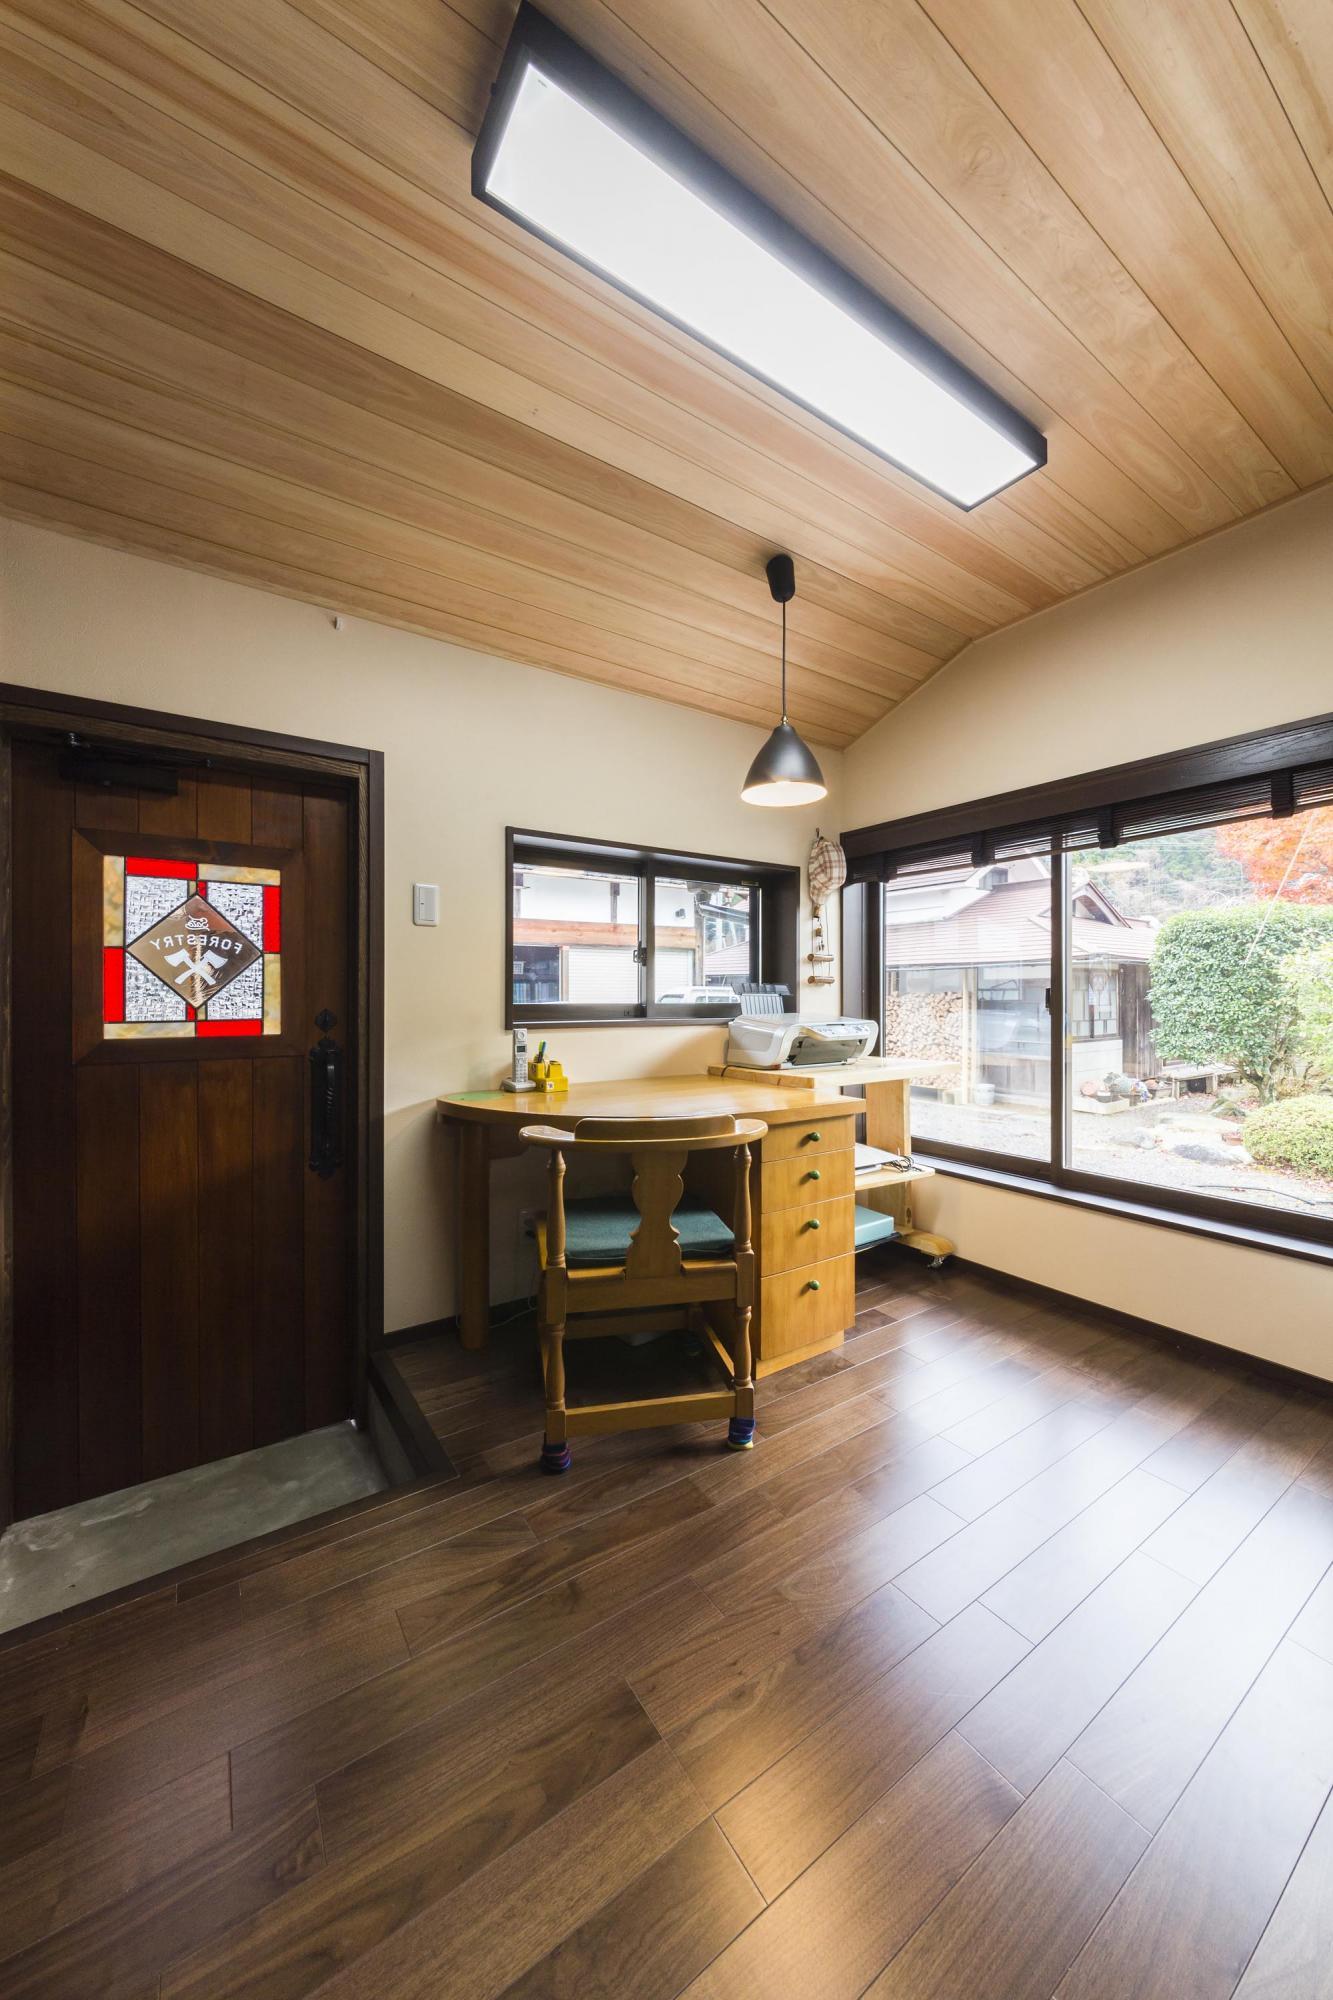 東南角部屋の明るいご主人の書斎。扉には息子さんの友人のデザイン作家に作ってもらったステンドグラスが嵌め込まれている。